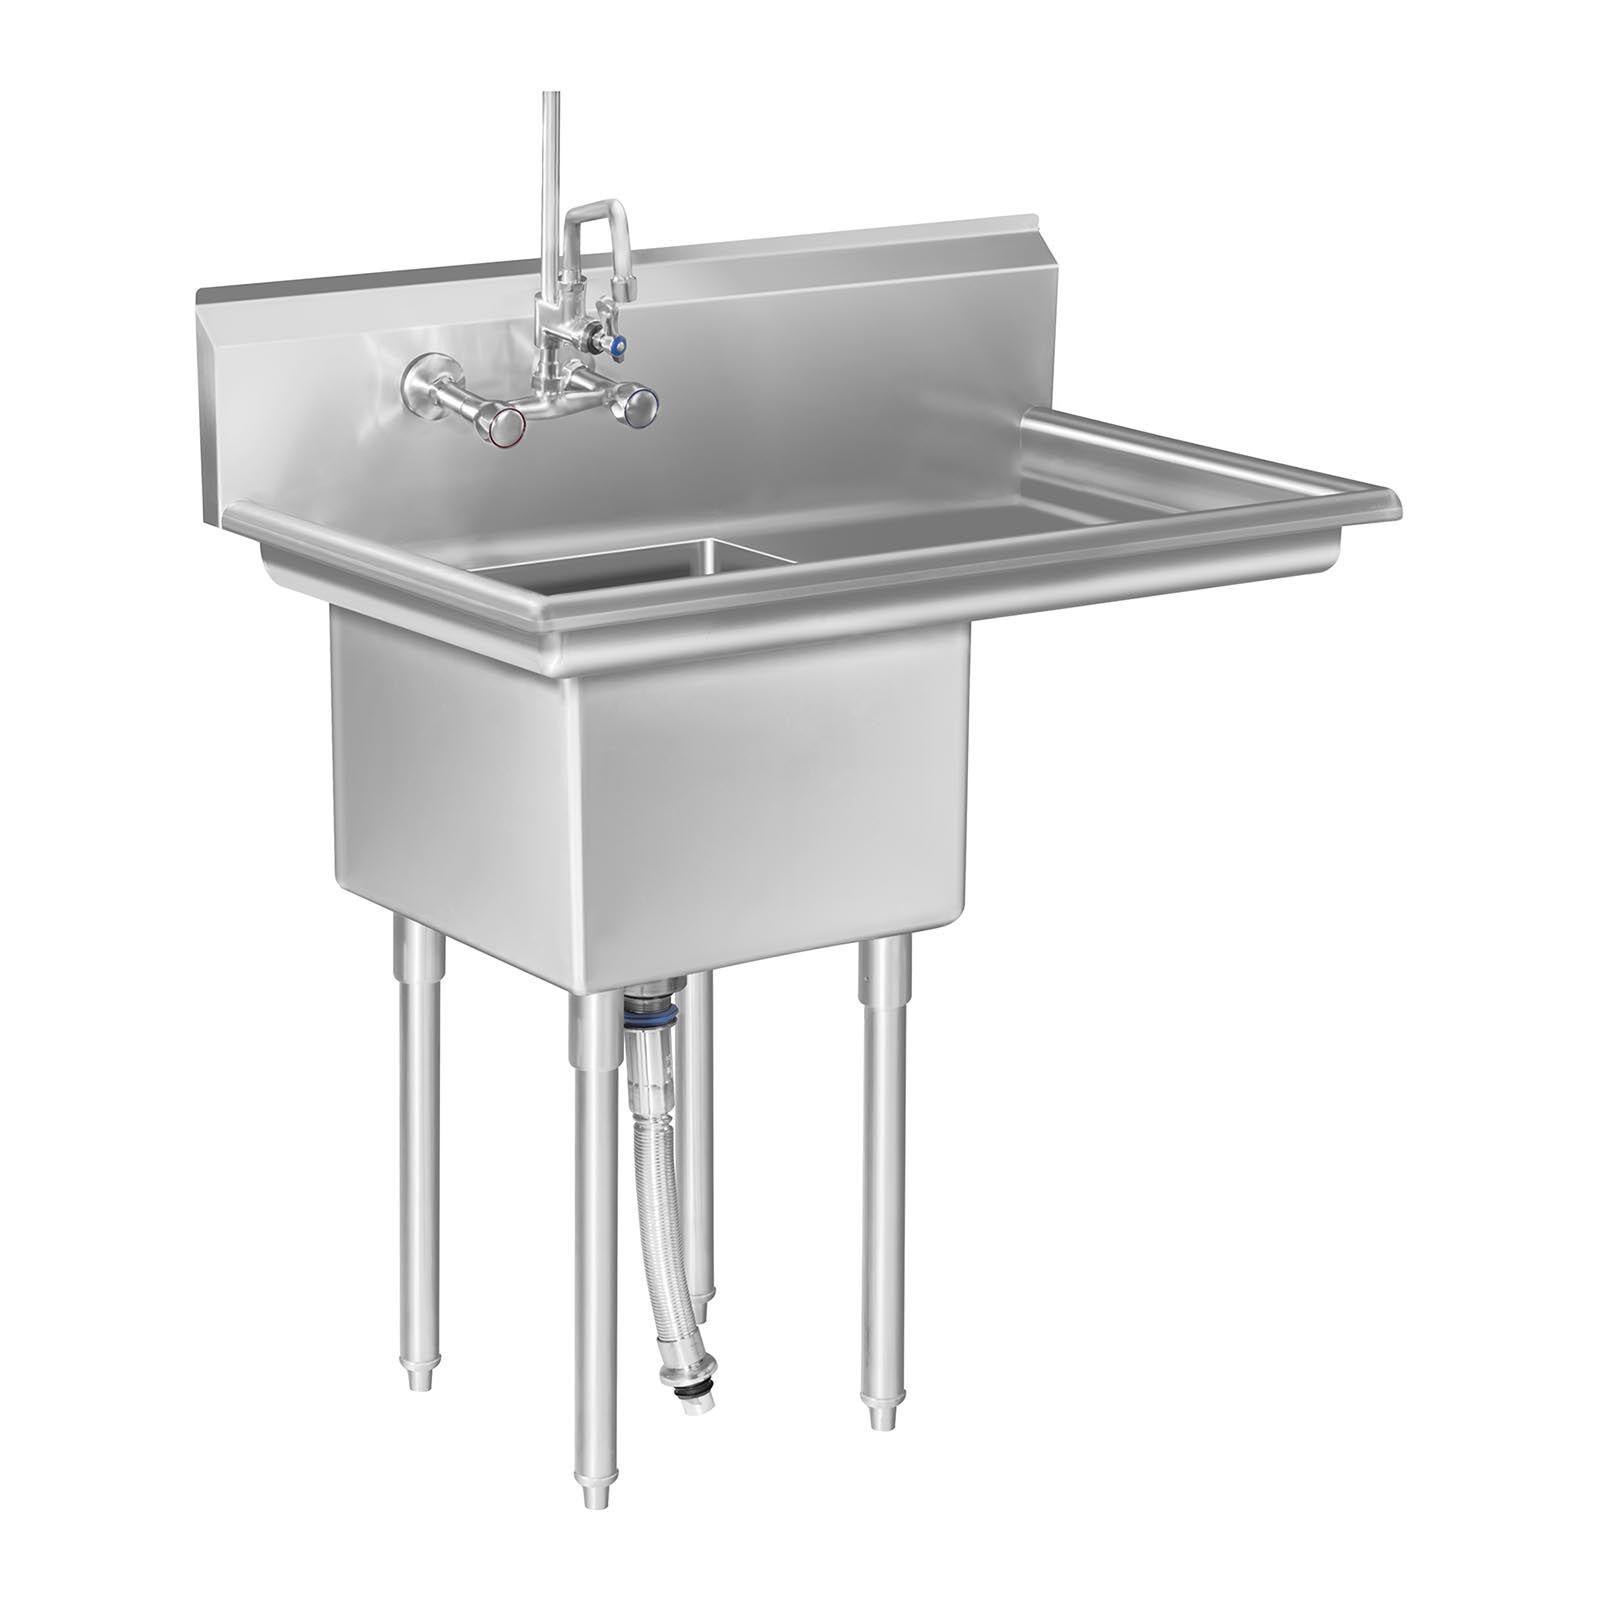 Royal Catering Stålvask med drypbakke - 1 vask RCHS-6